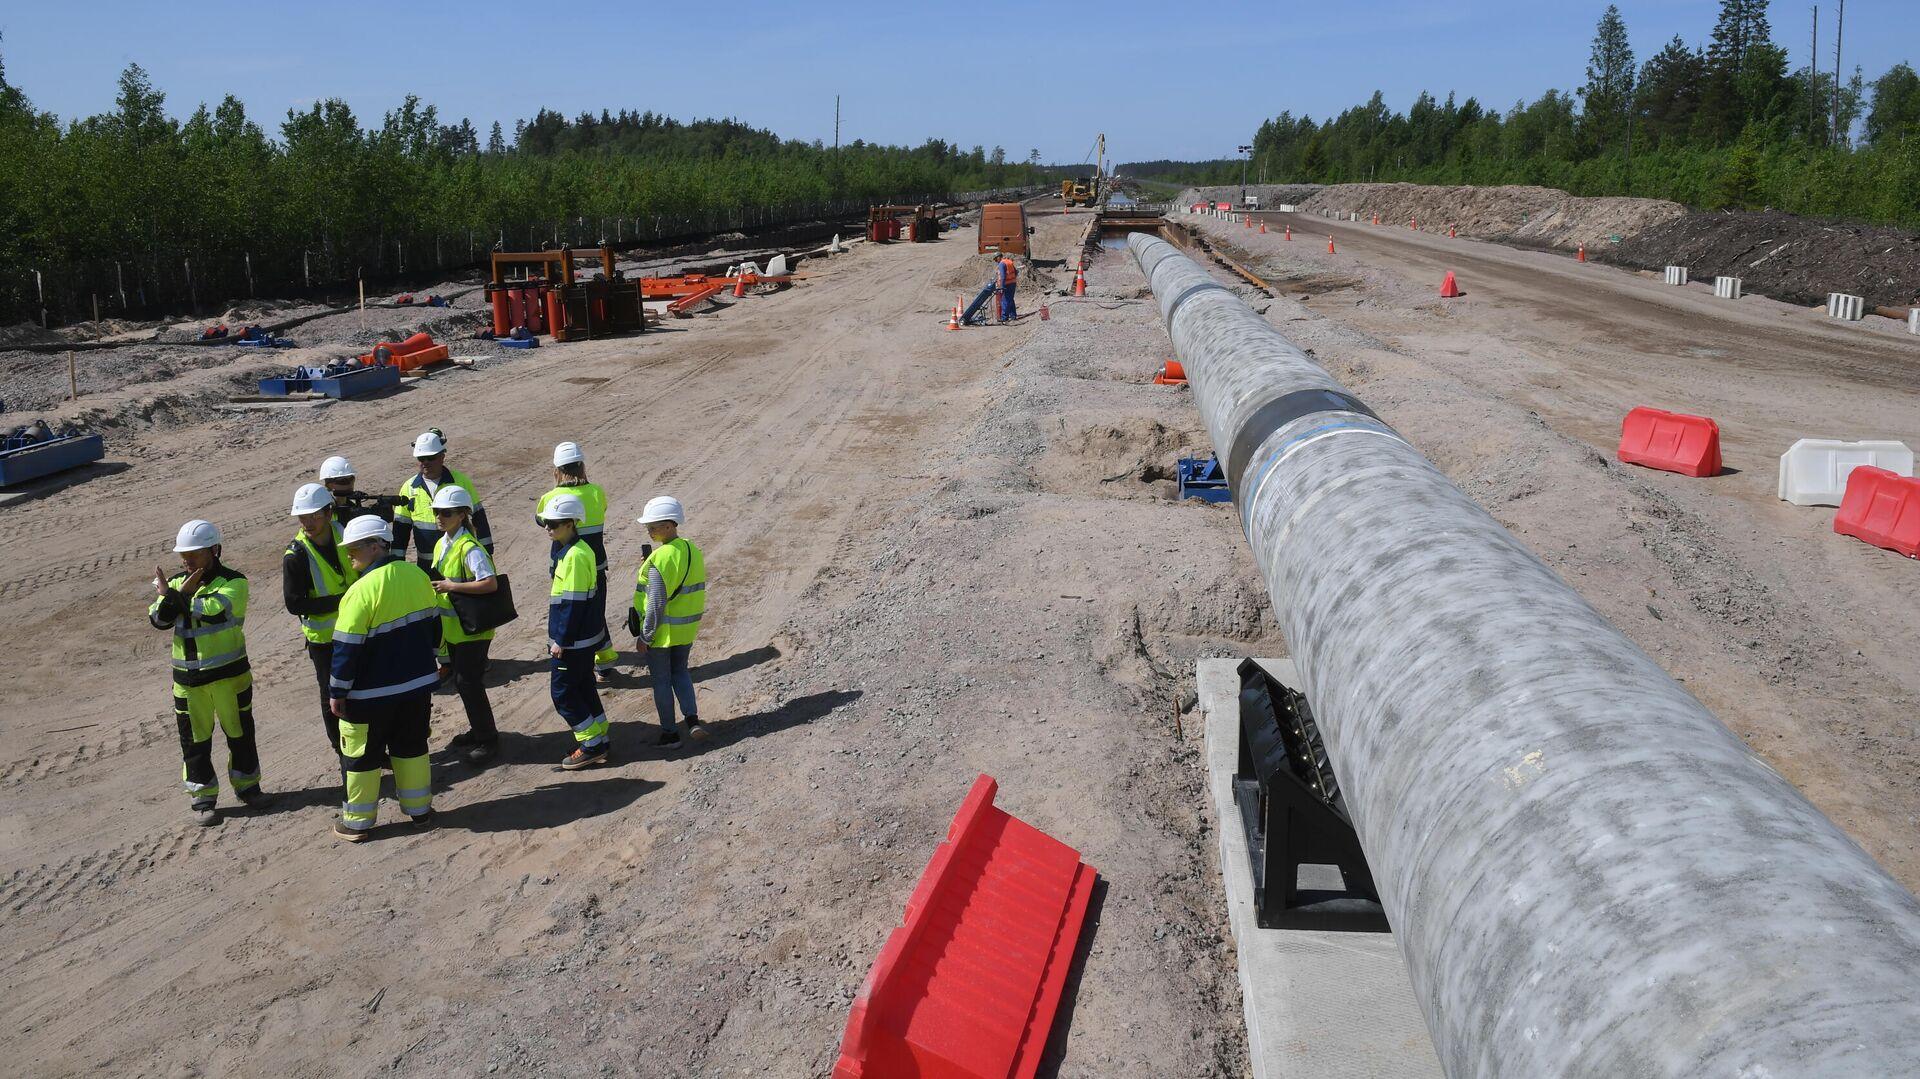 Рабочие на участке строительства газопровода Северный поток-2 в Ленинградской области - РИА Новости, 1920, 21.07.2021